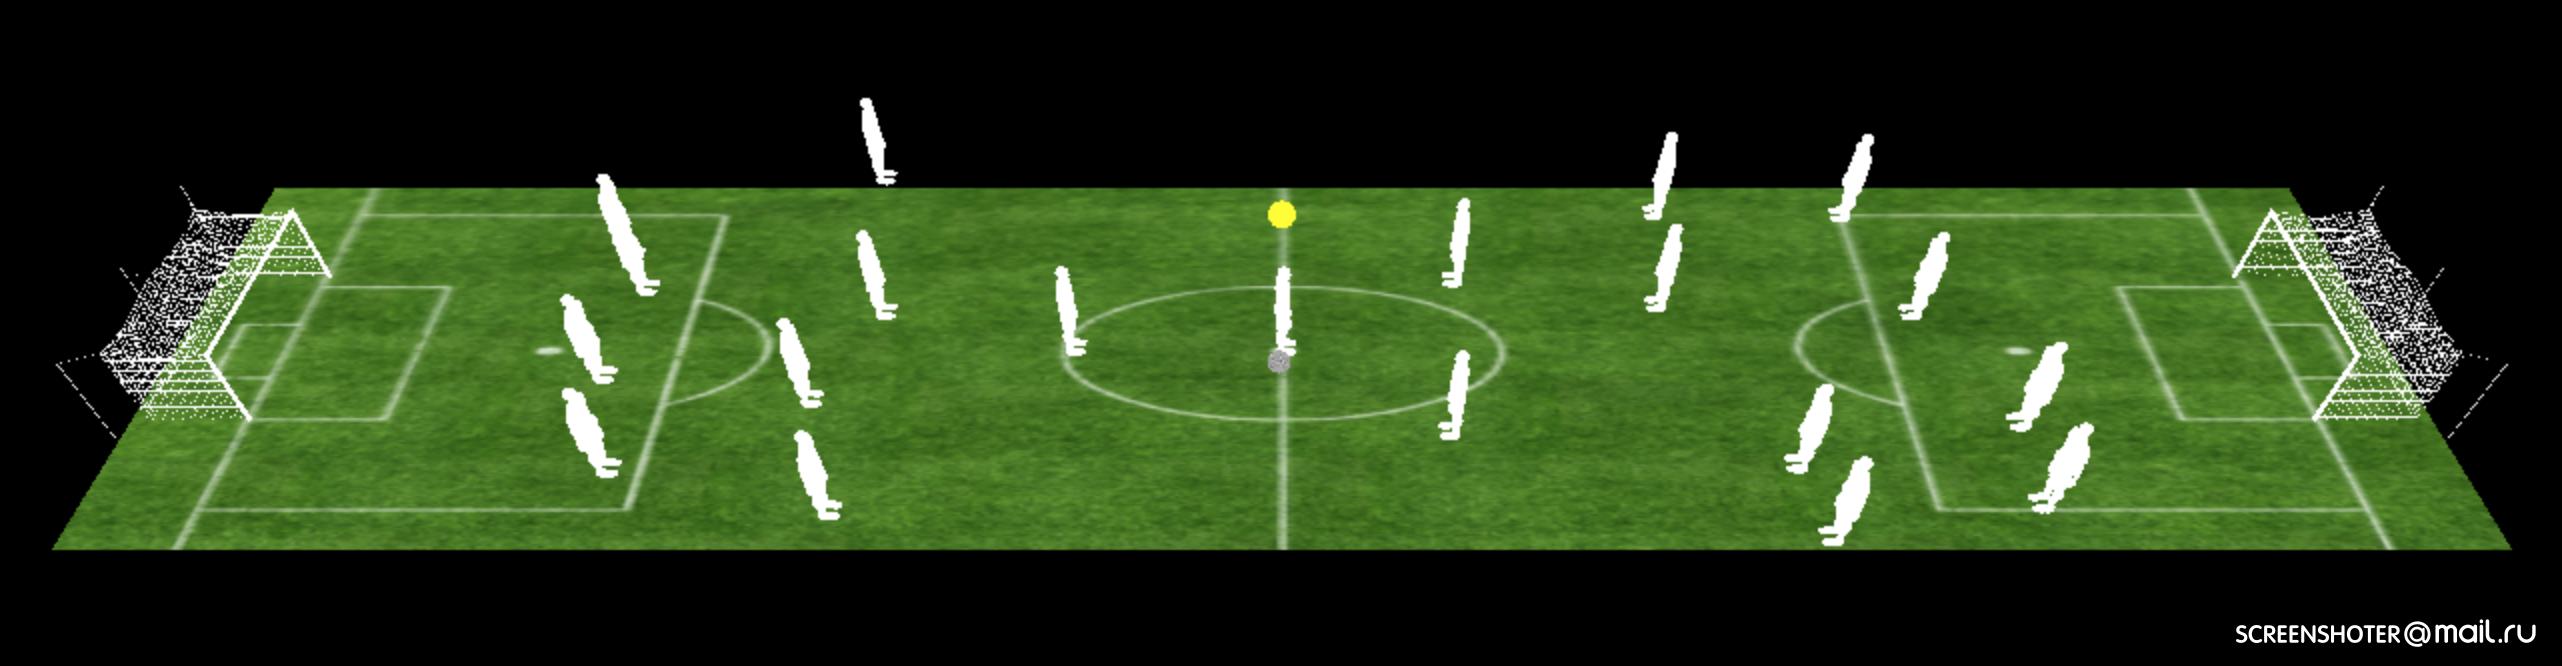 Как я браузерный 3D-футбол писала. Часть 2 - 4